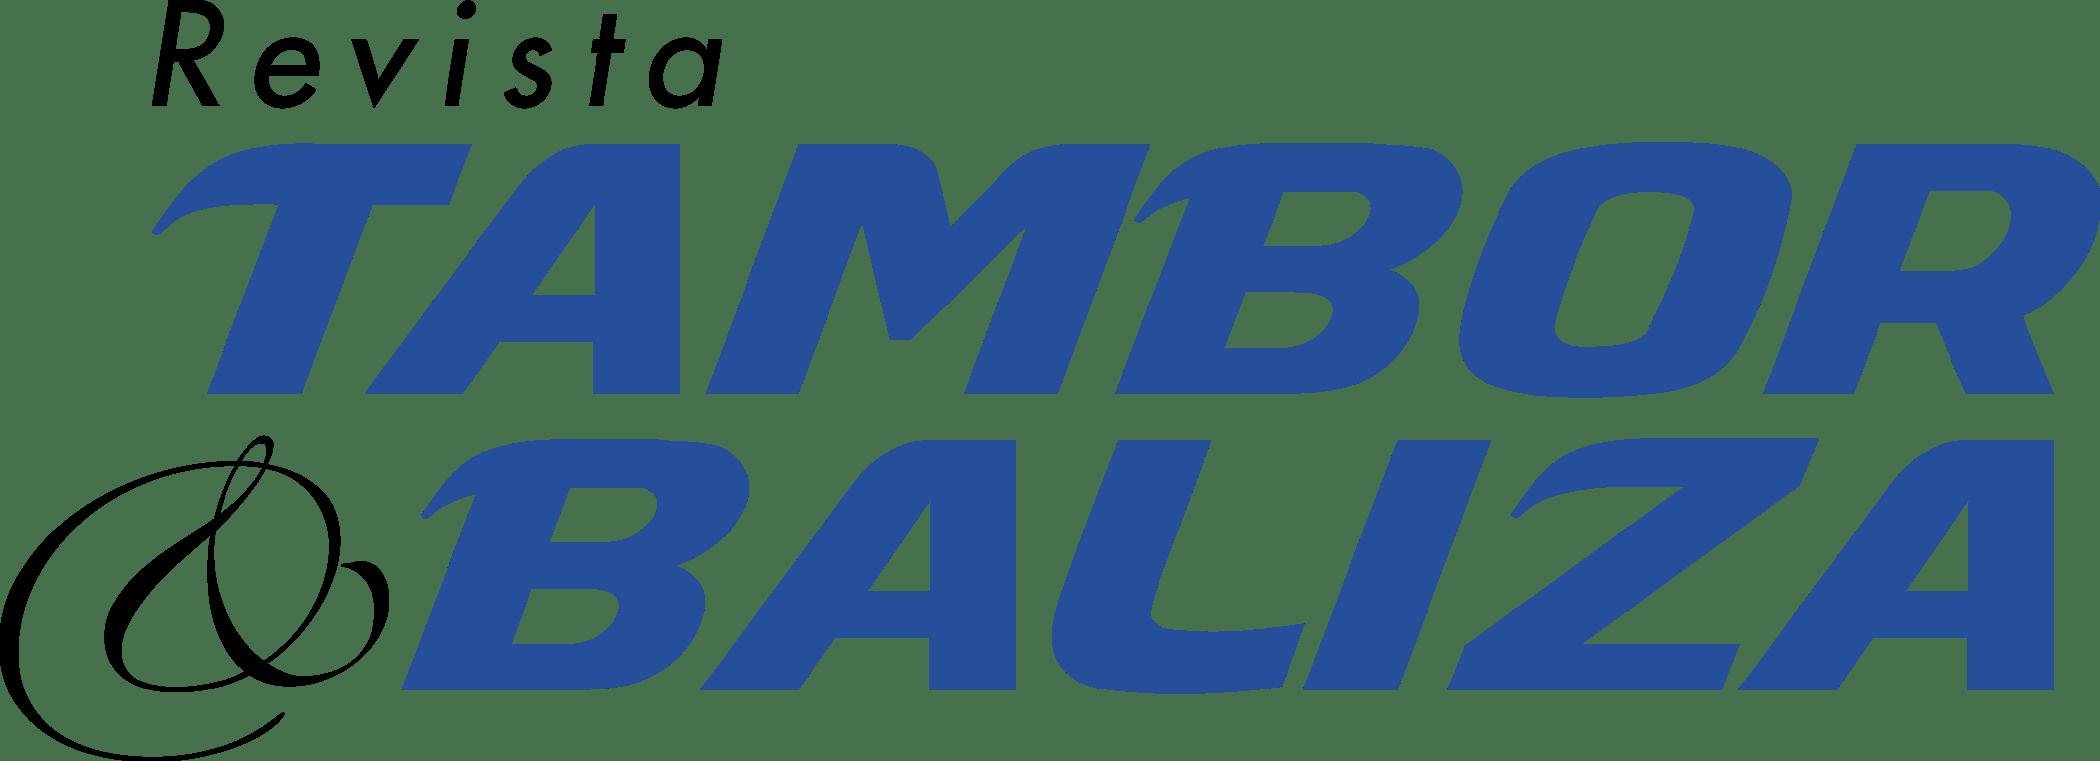 Revista Tambor & Baliza